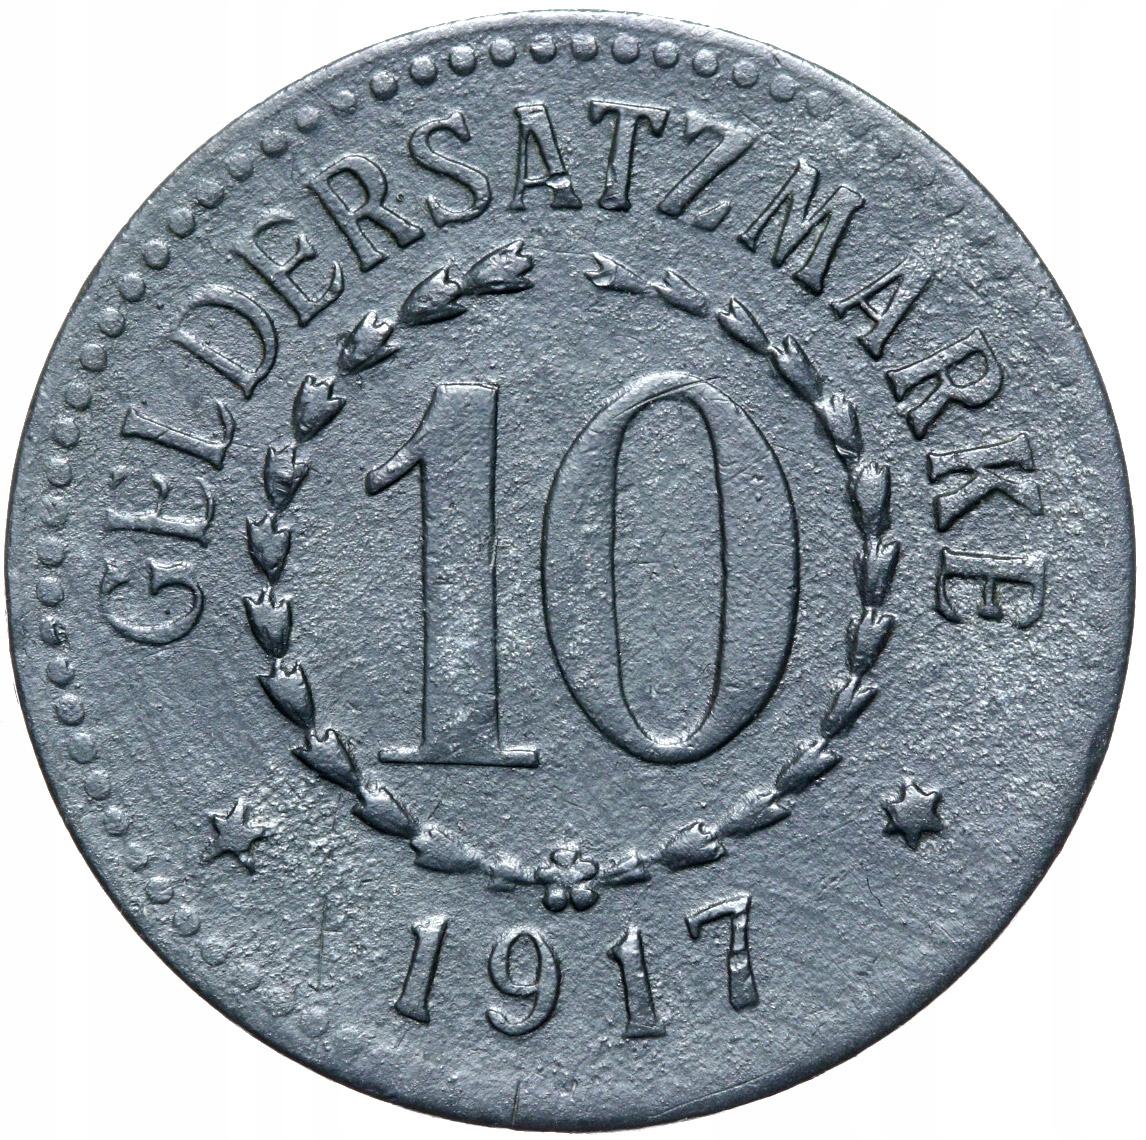 + Posen - Poznań - Notgeld - 10 Pfennig 1917 Zinok